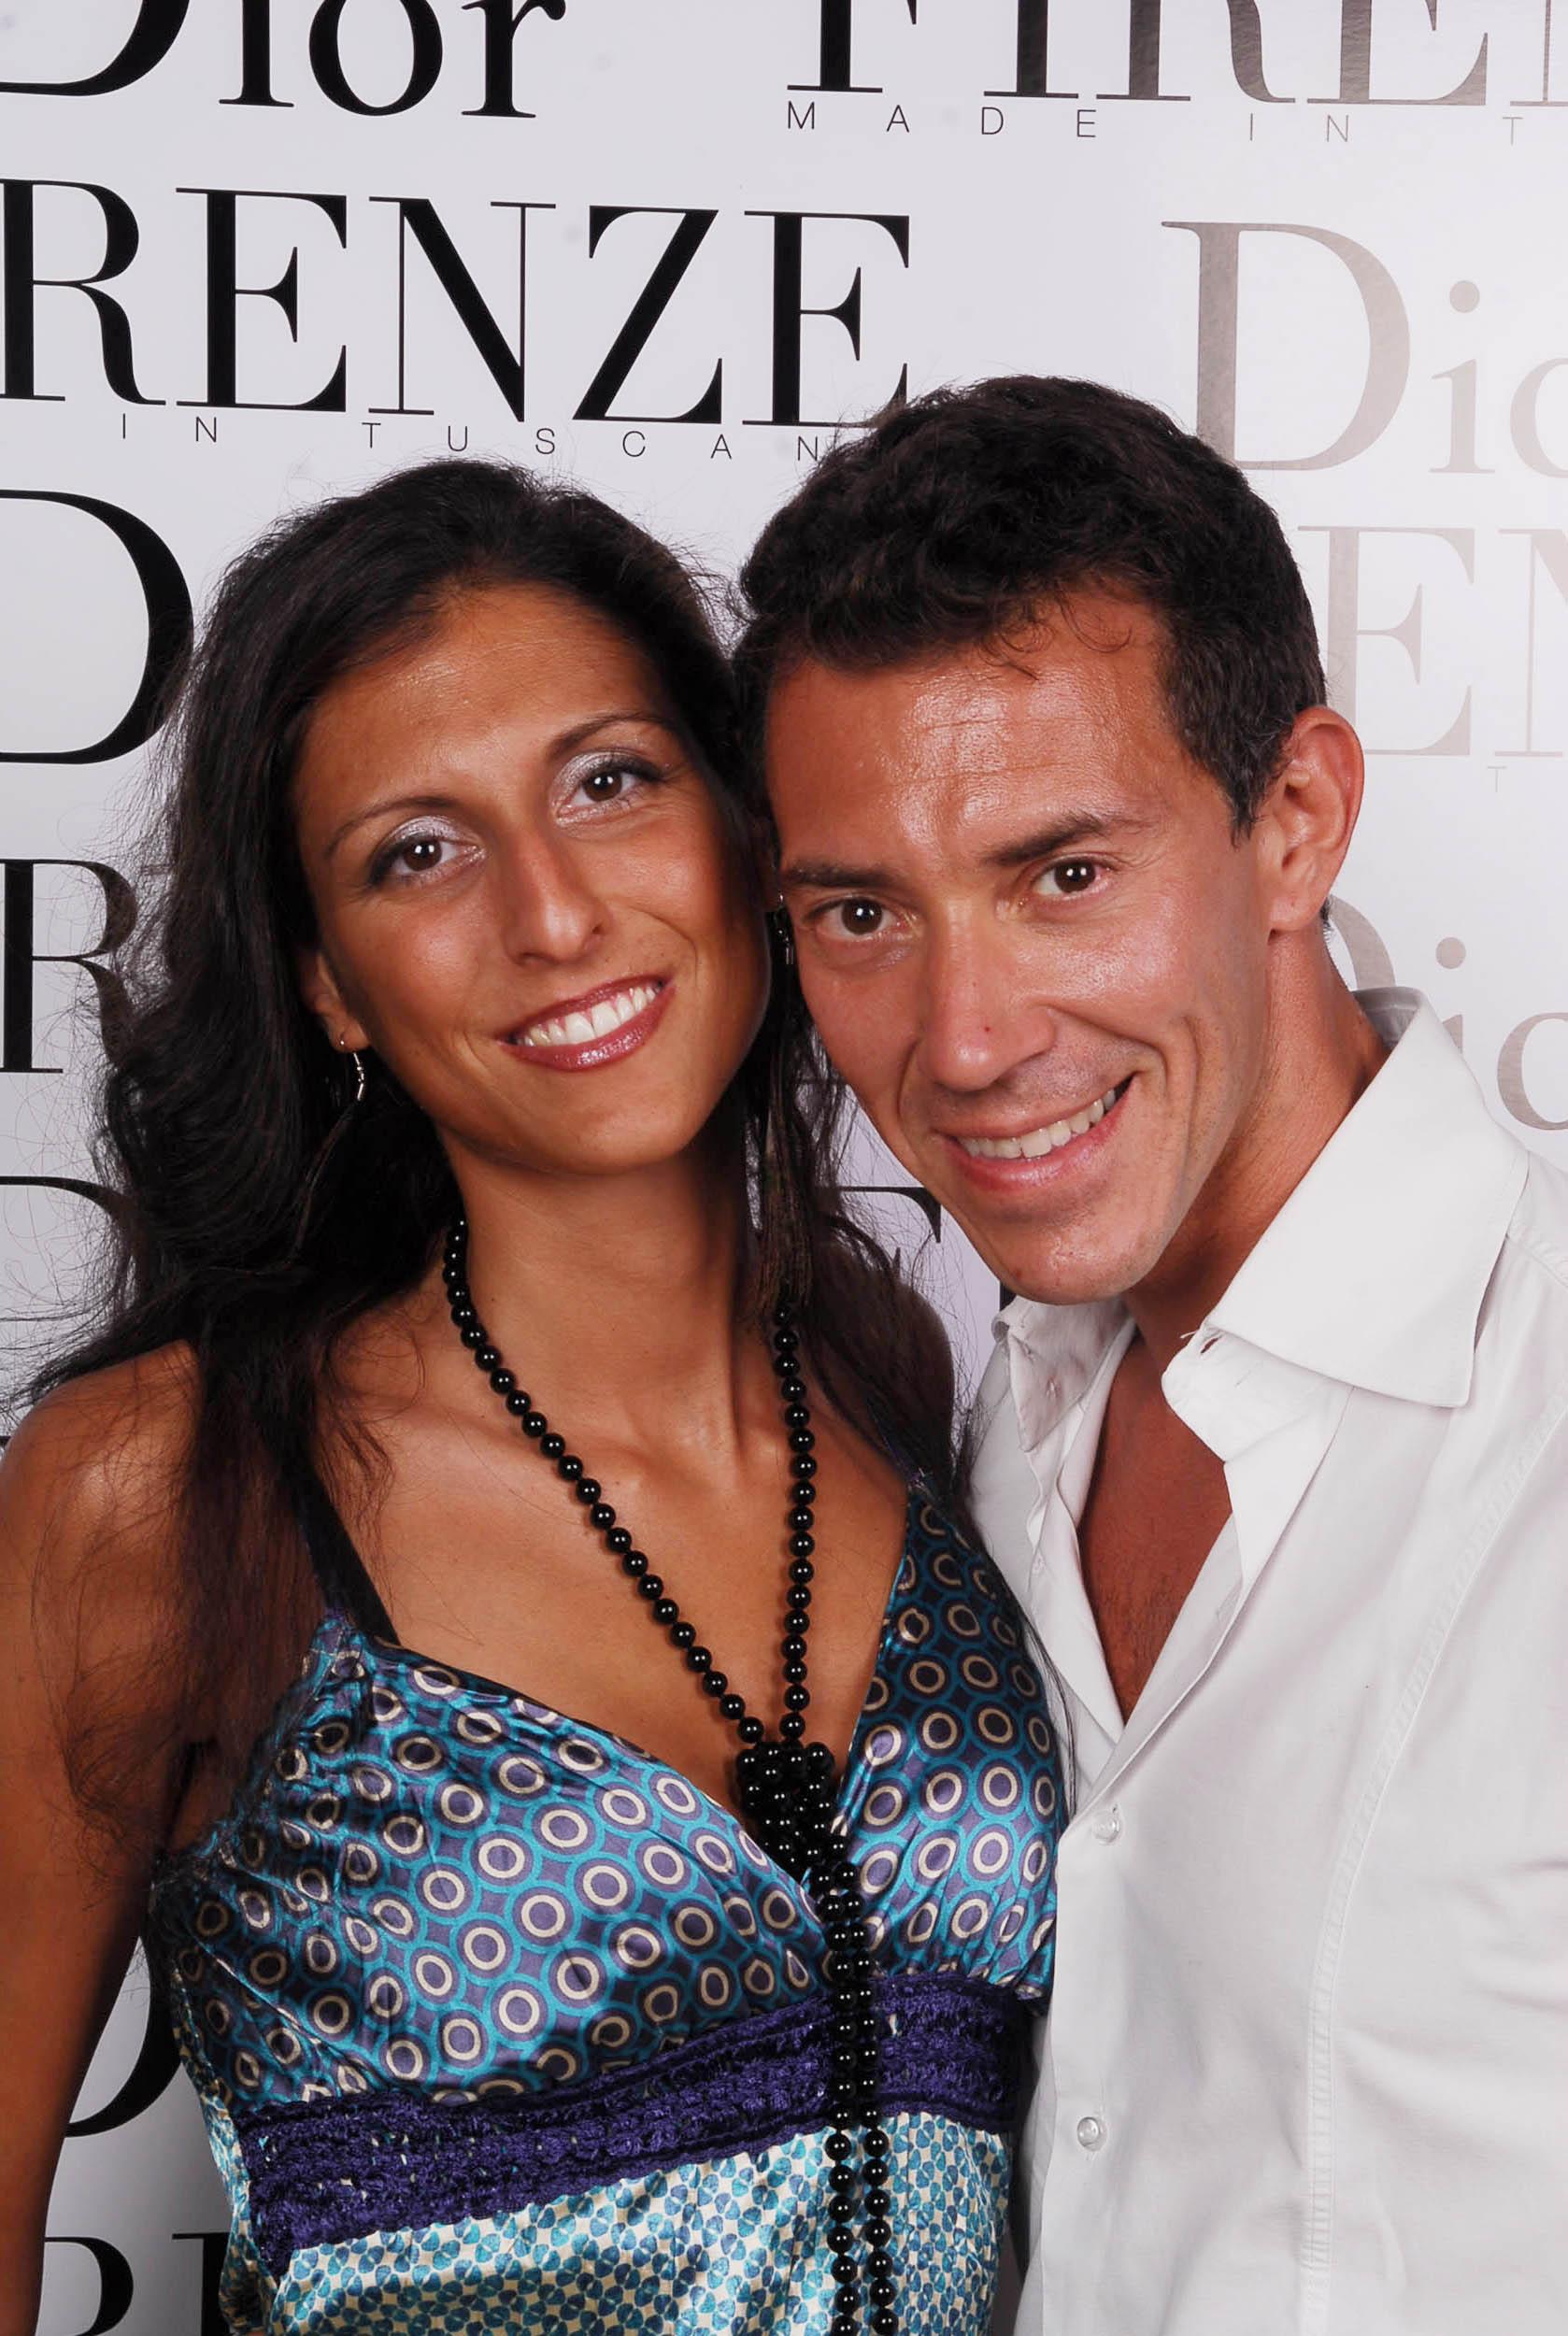 PRESSPHOTO  Firenze, evento Dior al teatro romano di Fiesole. Nella foto Eleonora Guidoni e Luca Burgalassi